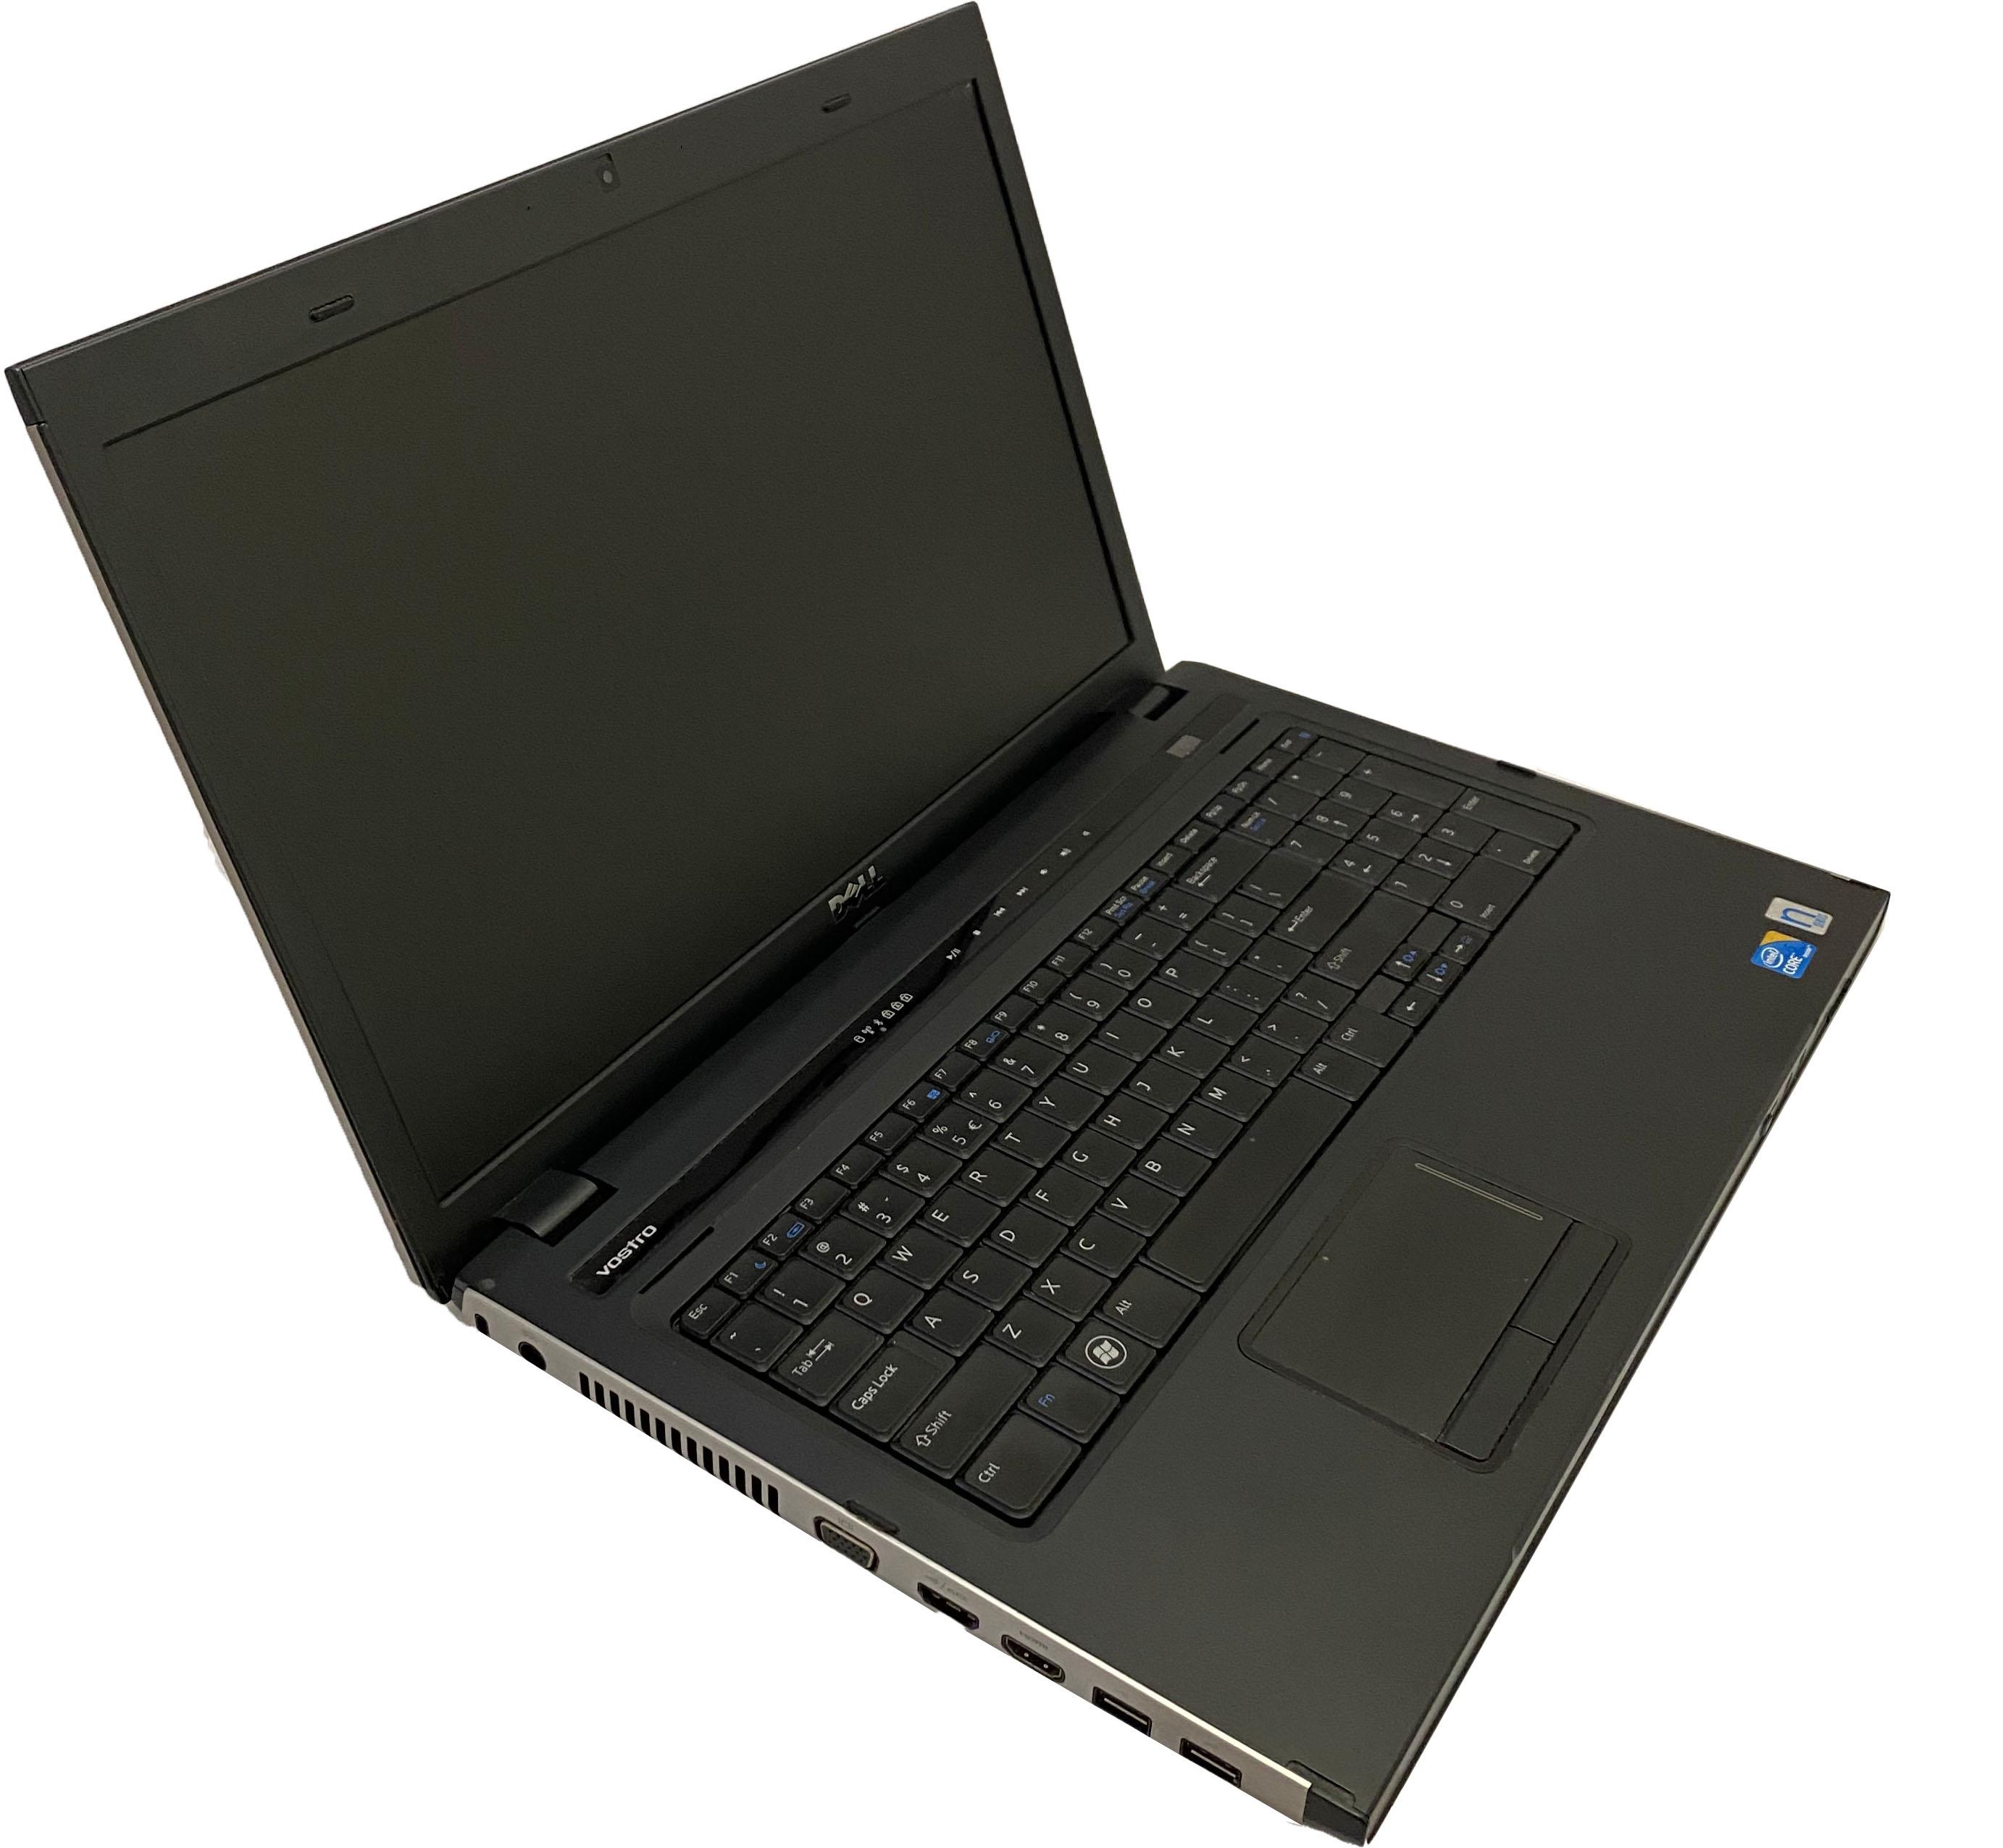 Dell-Vostro-3700